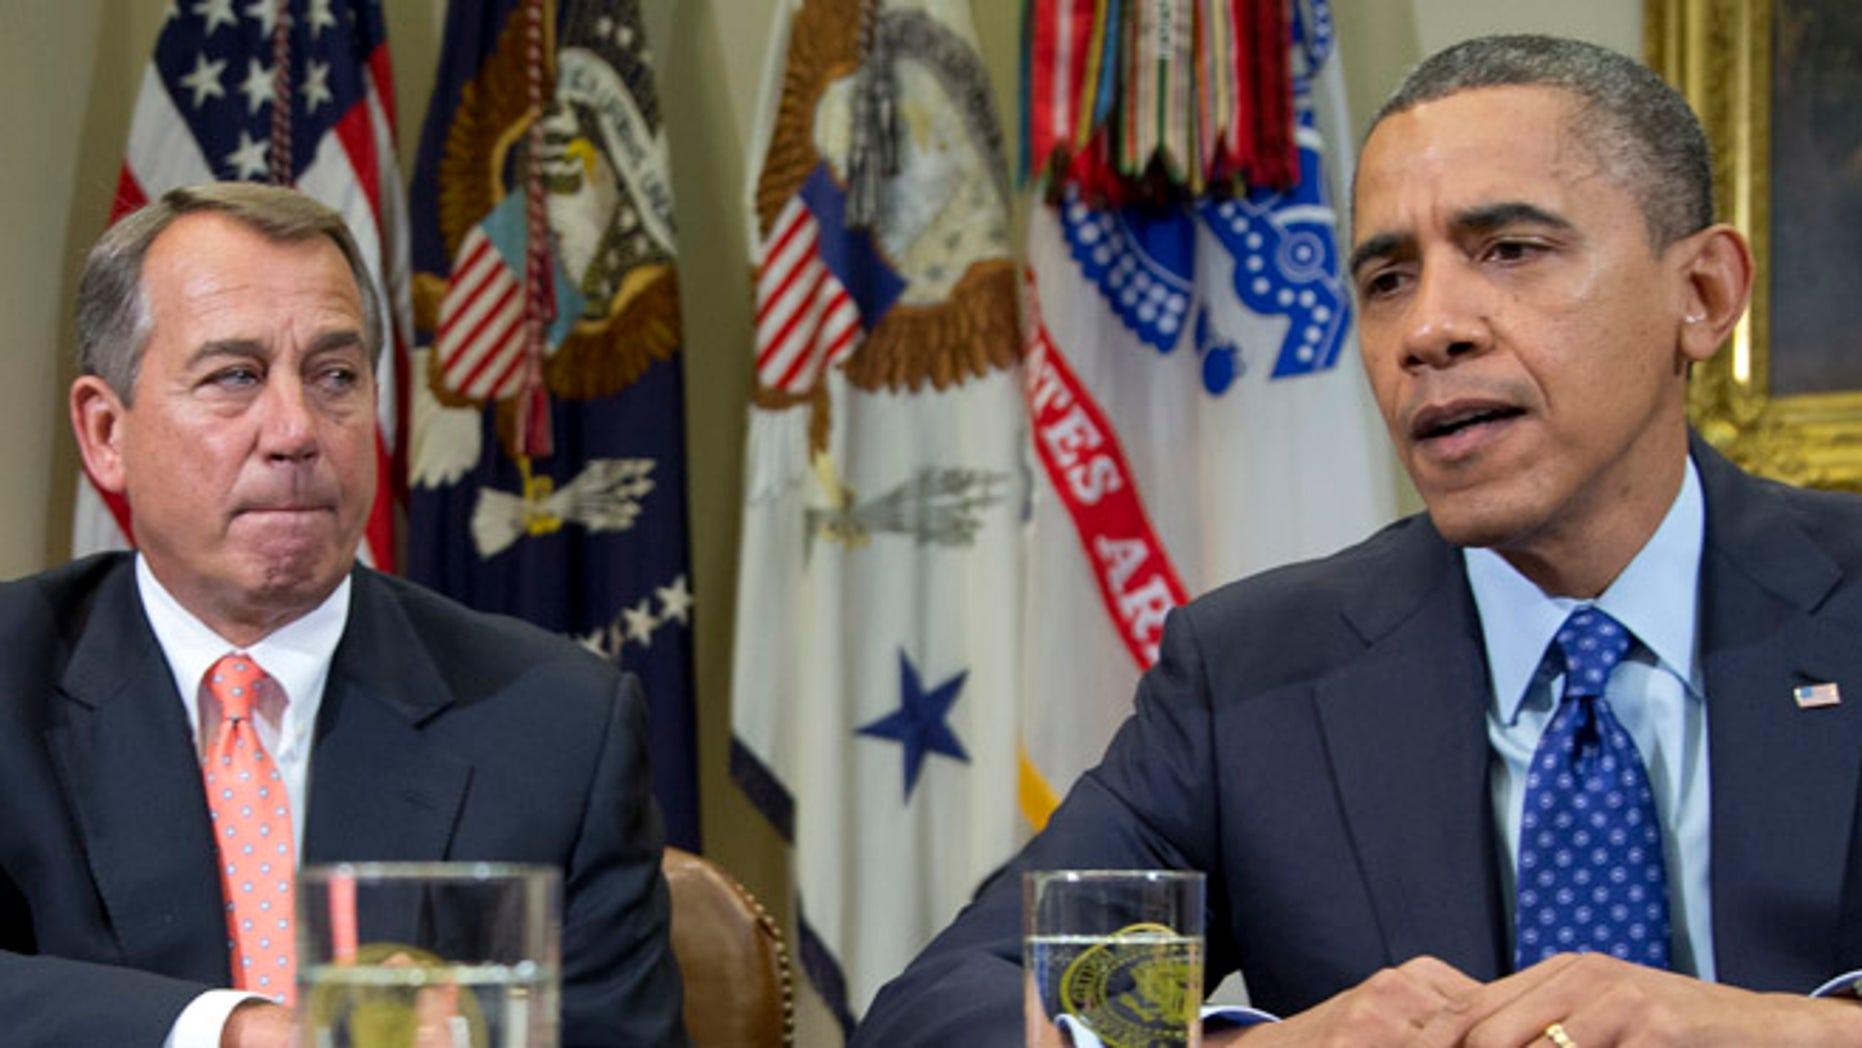 Nov. 16, 2012: President Obama and House Speaker John Boehner meet at the White House.